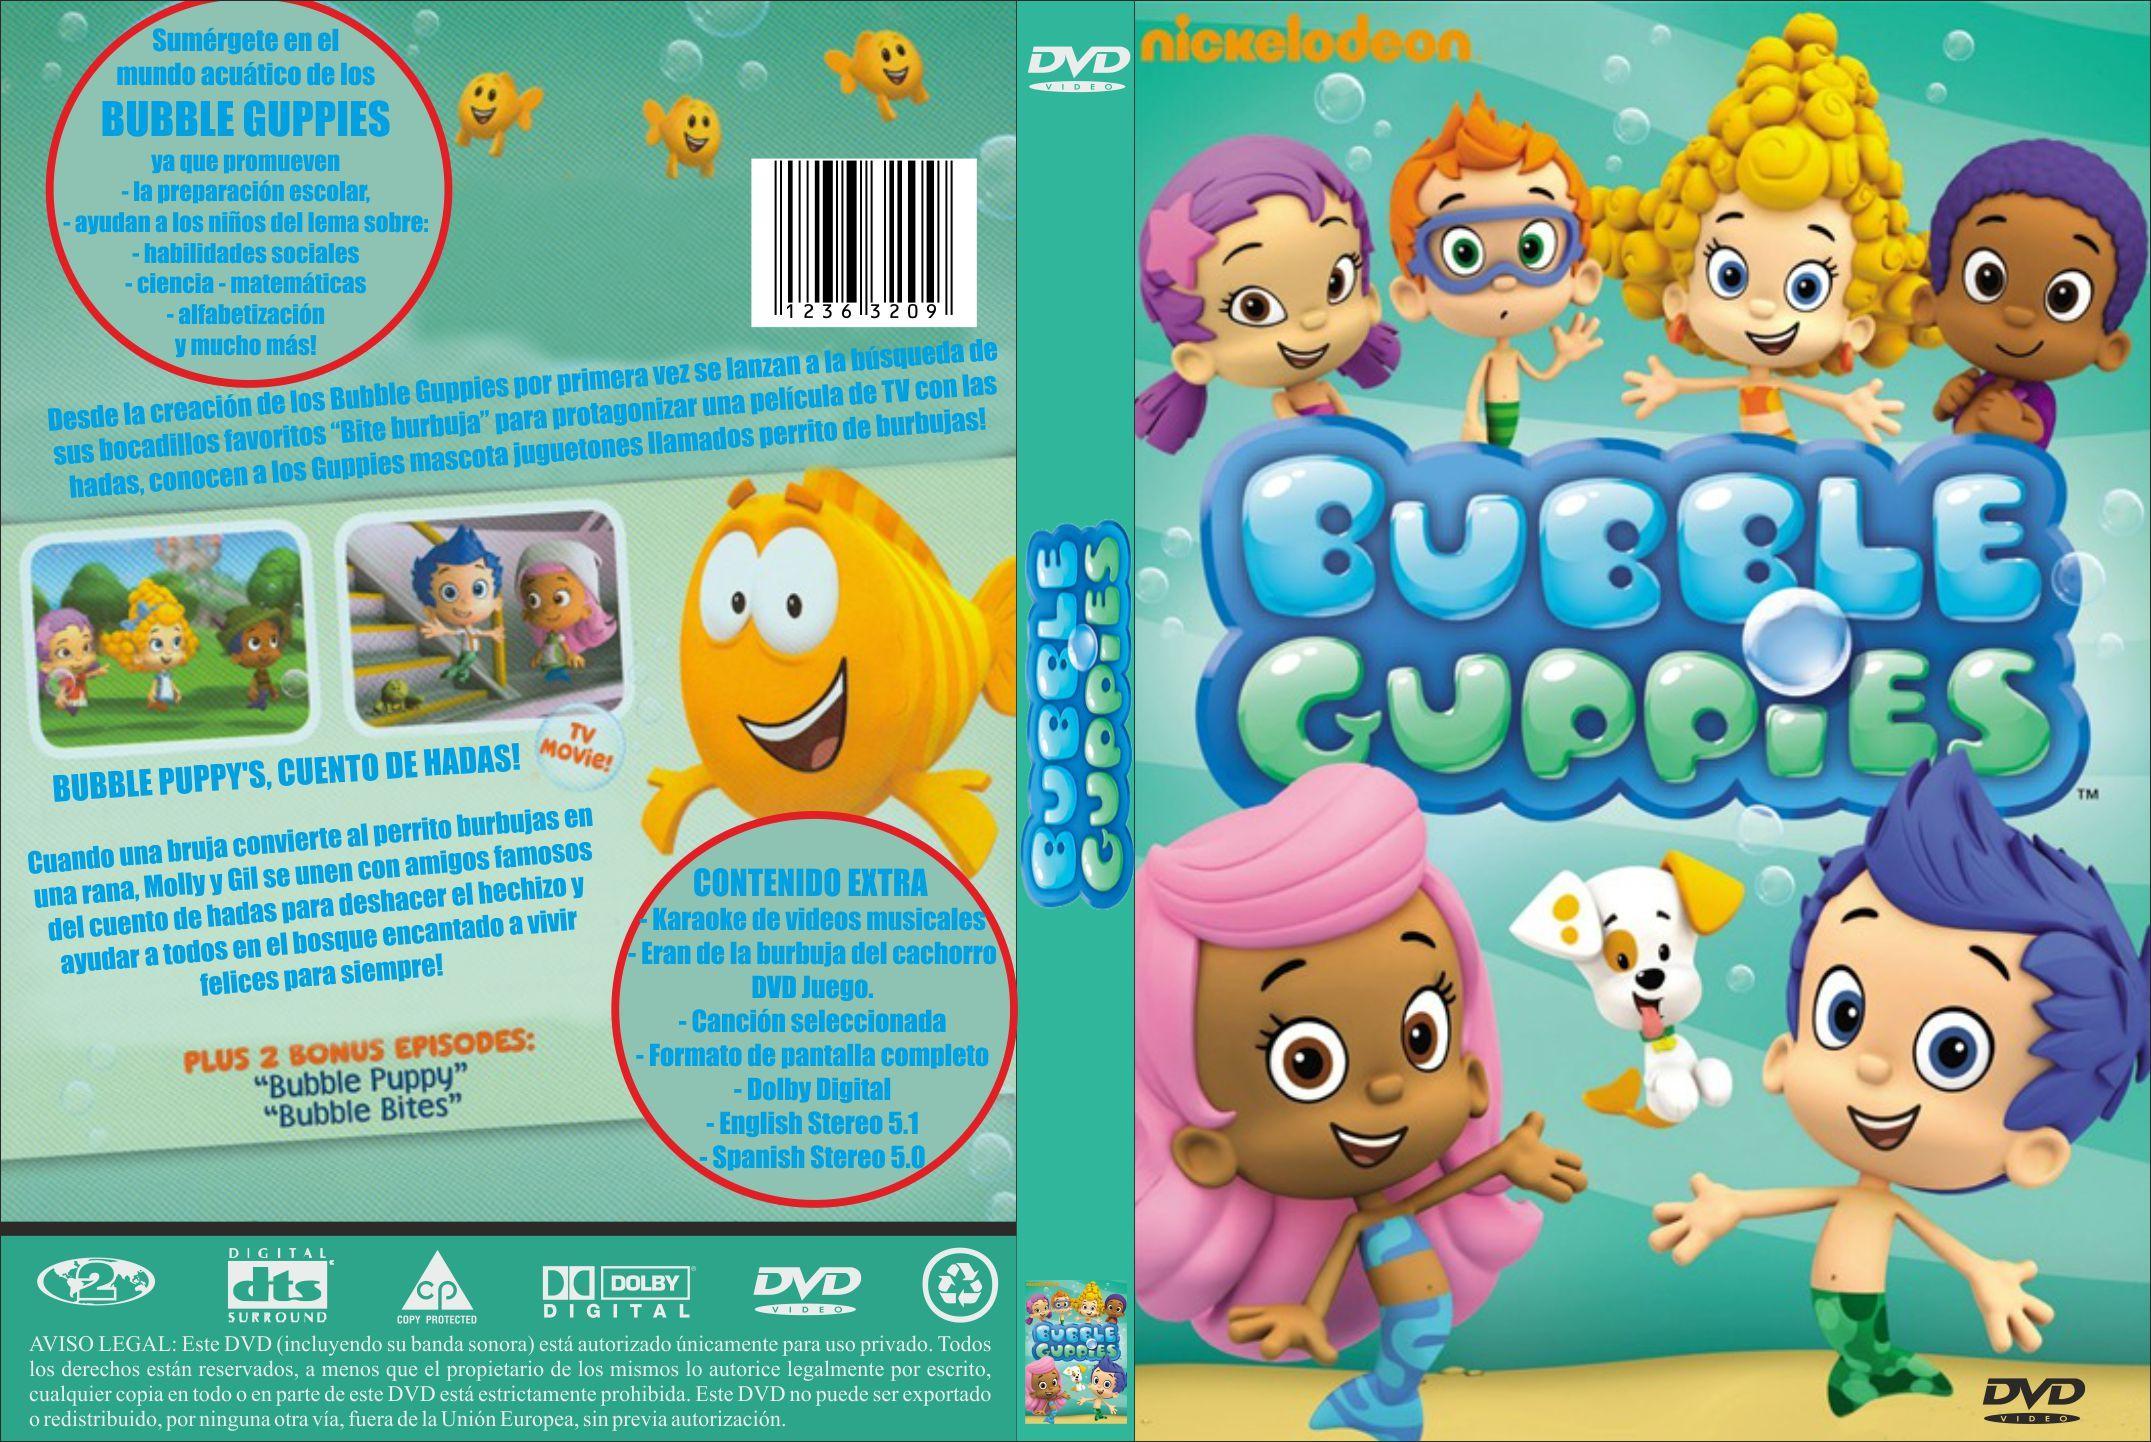 Bubble Guppies: Carátula del DVD de los Bubble Guppies